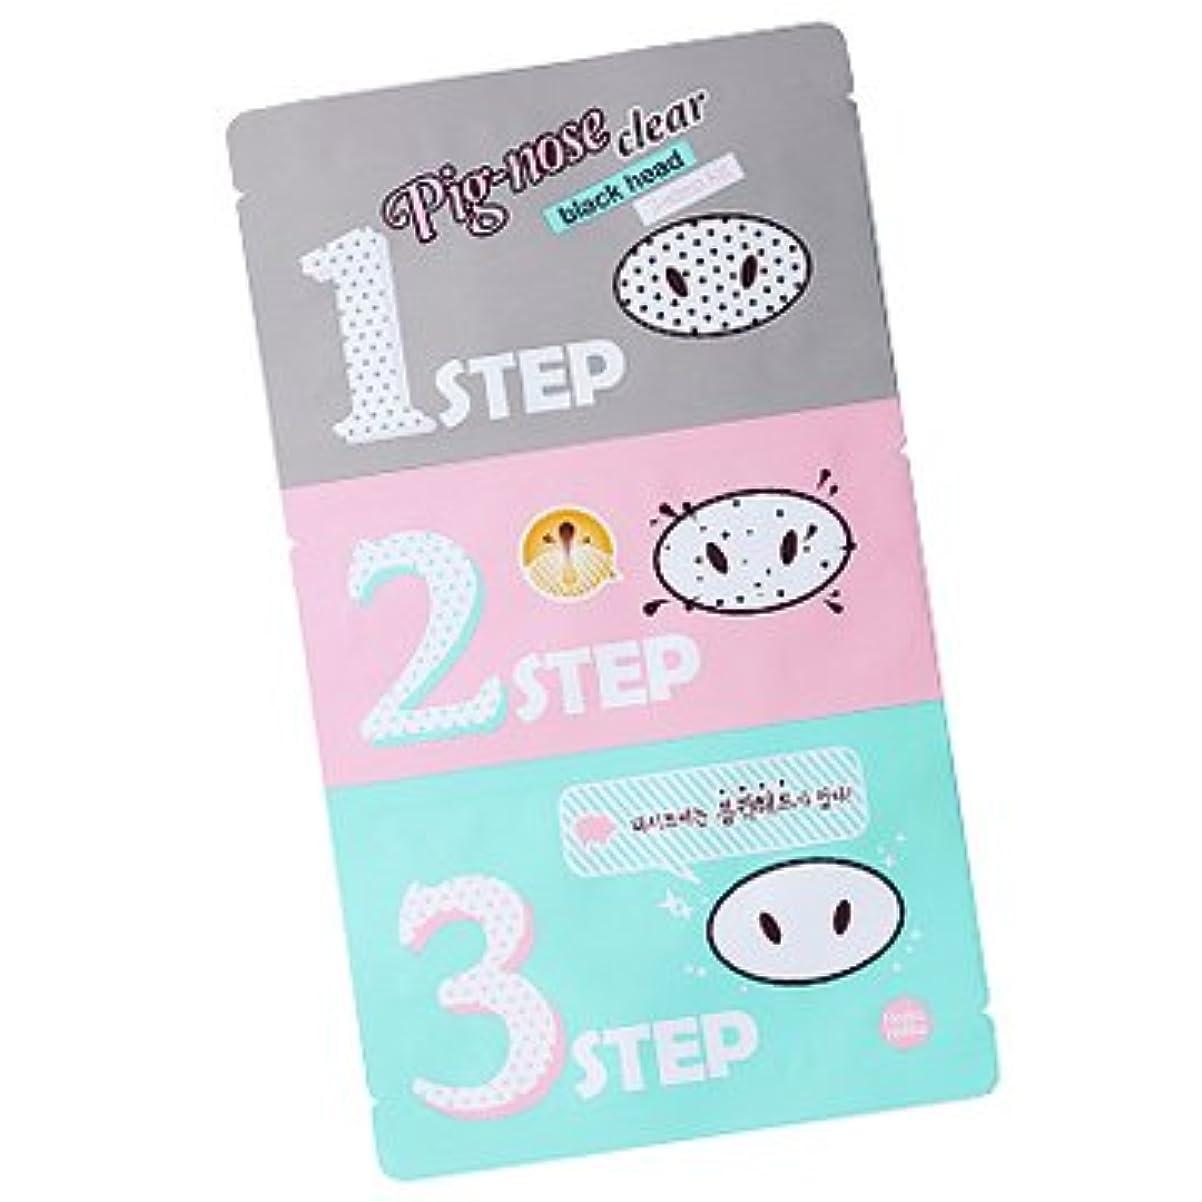 スクラブ色合い土曜日Holika Holika Pig Nose Clear Black Head 3-Step Kit 5EA (Nose Pack) ホリカホリカ ピグノーズクリアブラックヘッド3-Stepキット(鼻パック) 5pcs [並行輸入品]